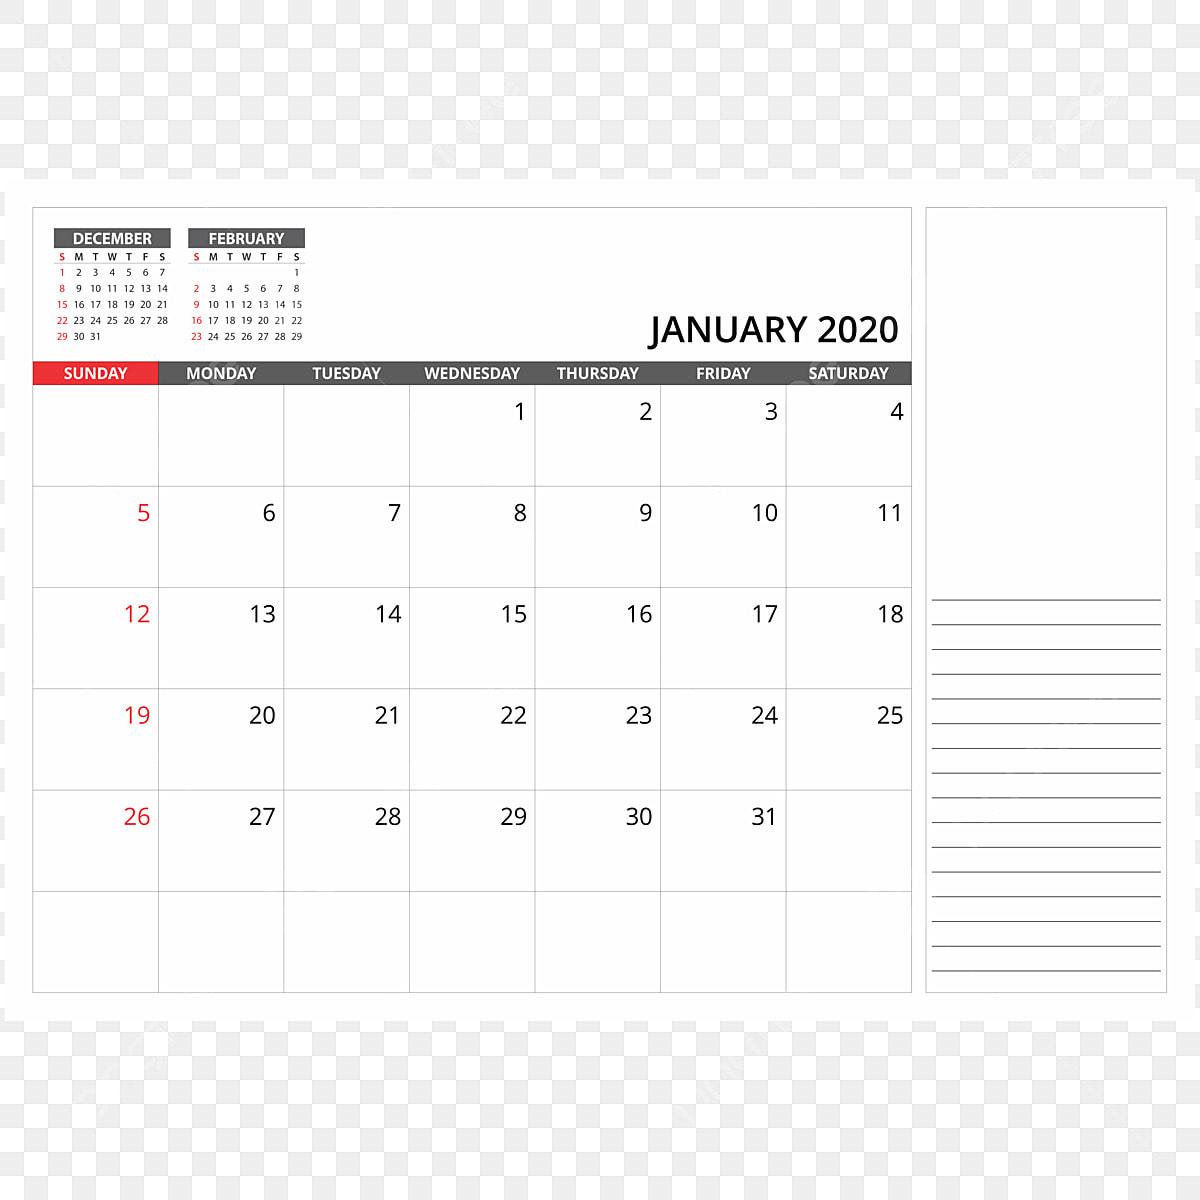 2020年1月の卓上カレンダー 2020年 カレンダー Png画像素材の